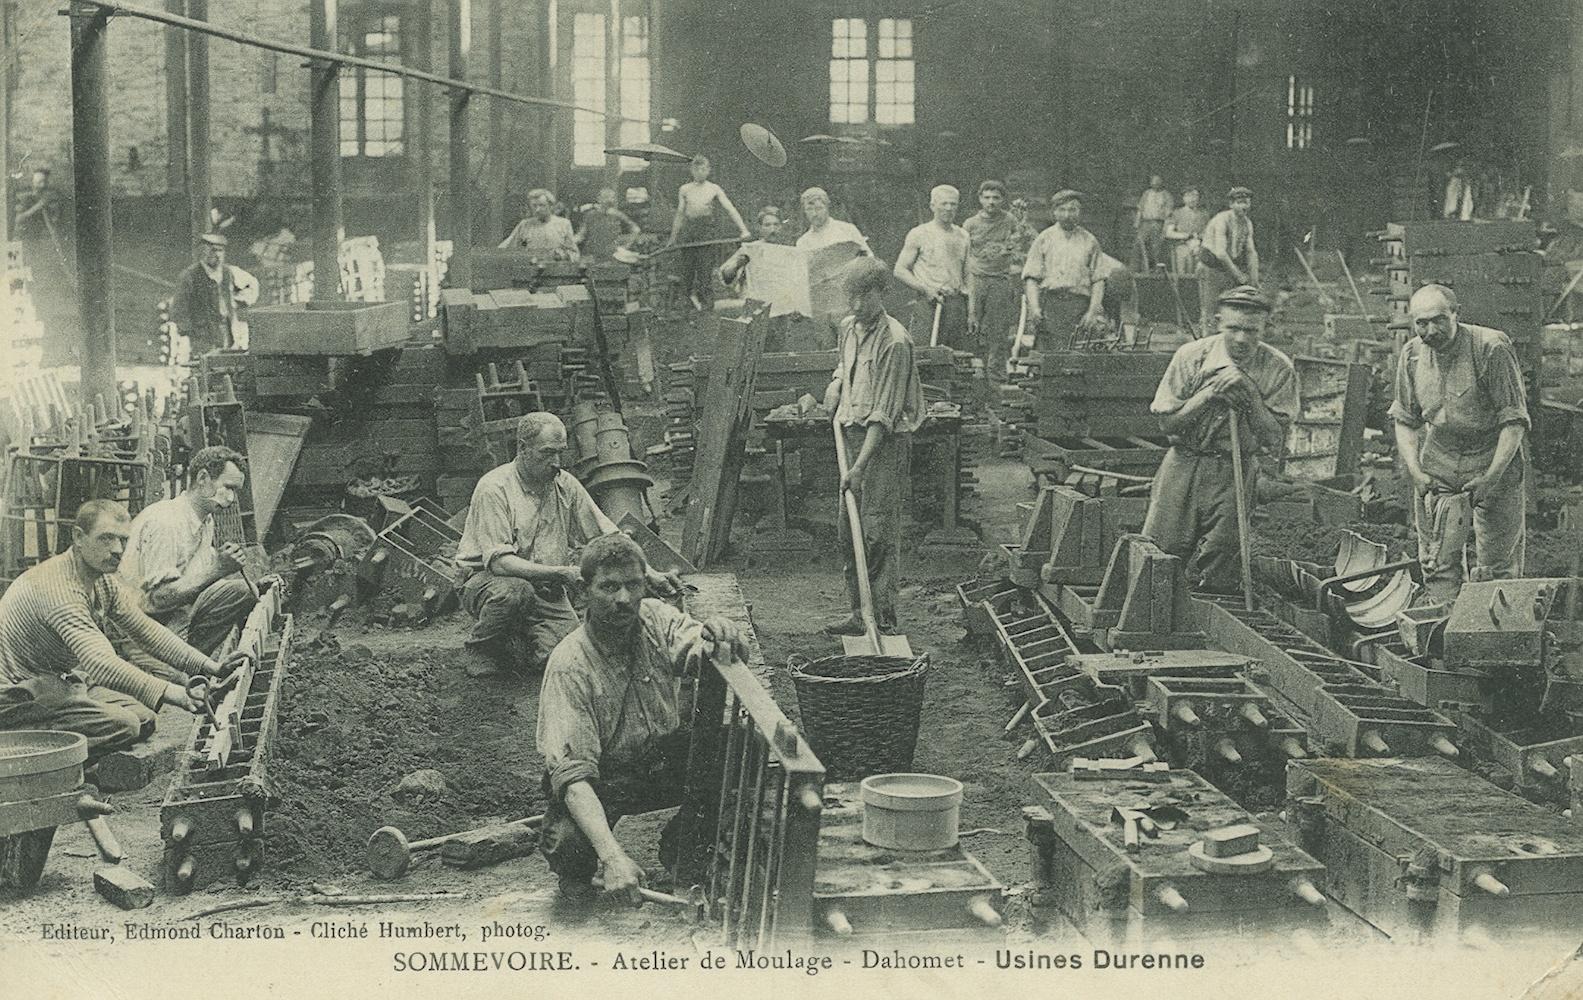 Operai al lavoro nella fonderia Durenne (Sommevoire, Francia), Archivio Fondazione Neri